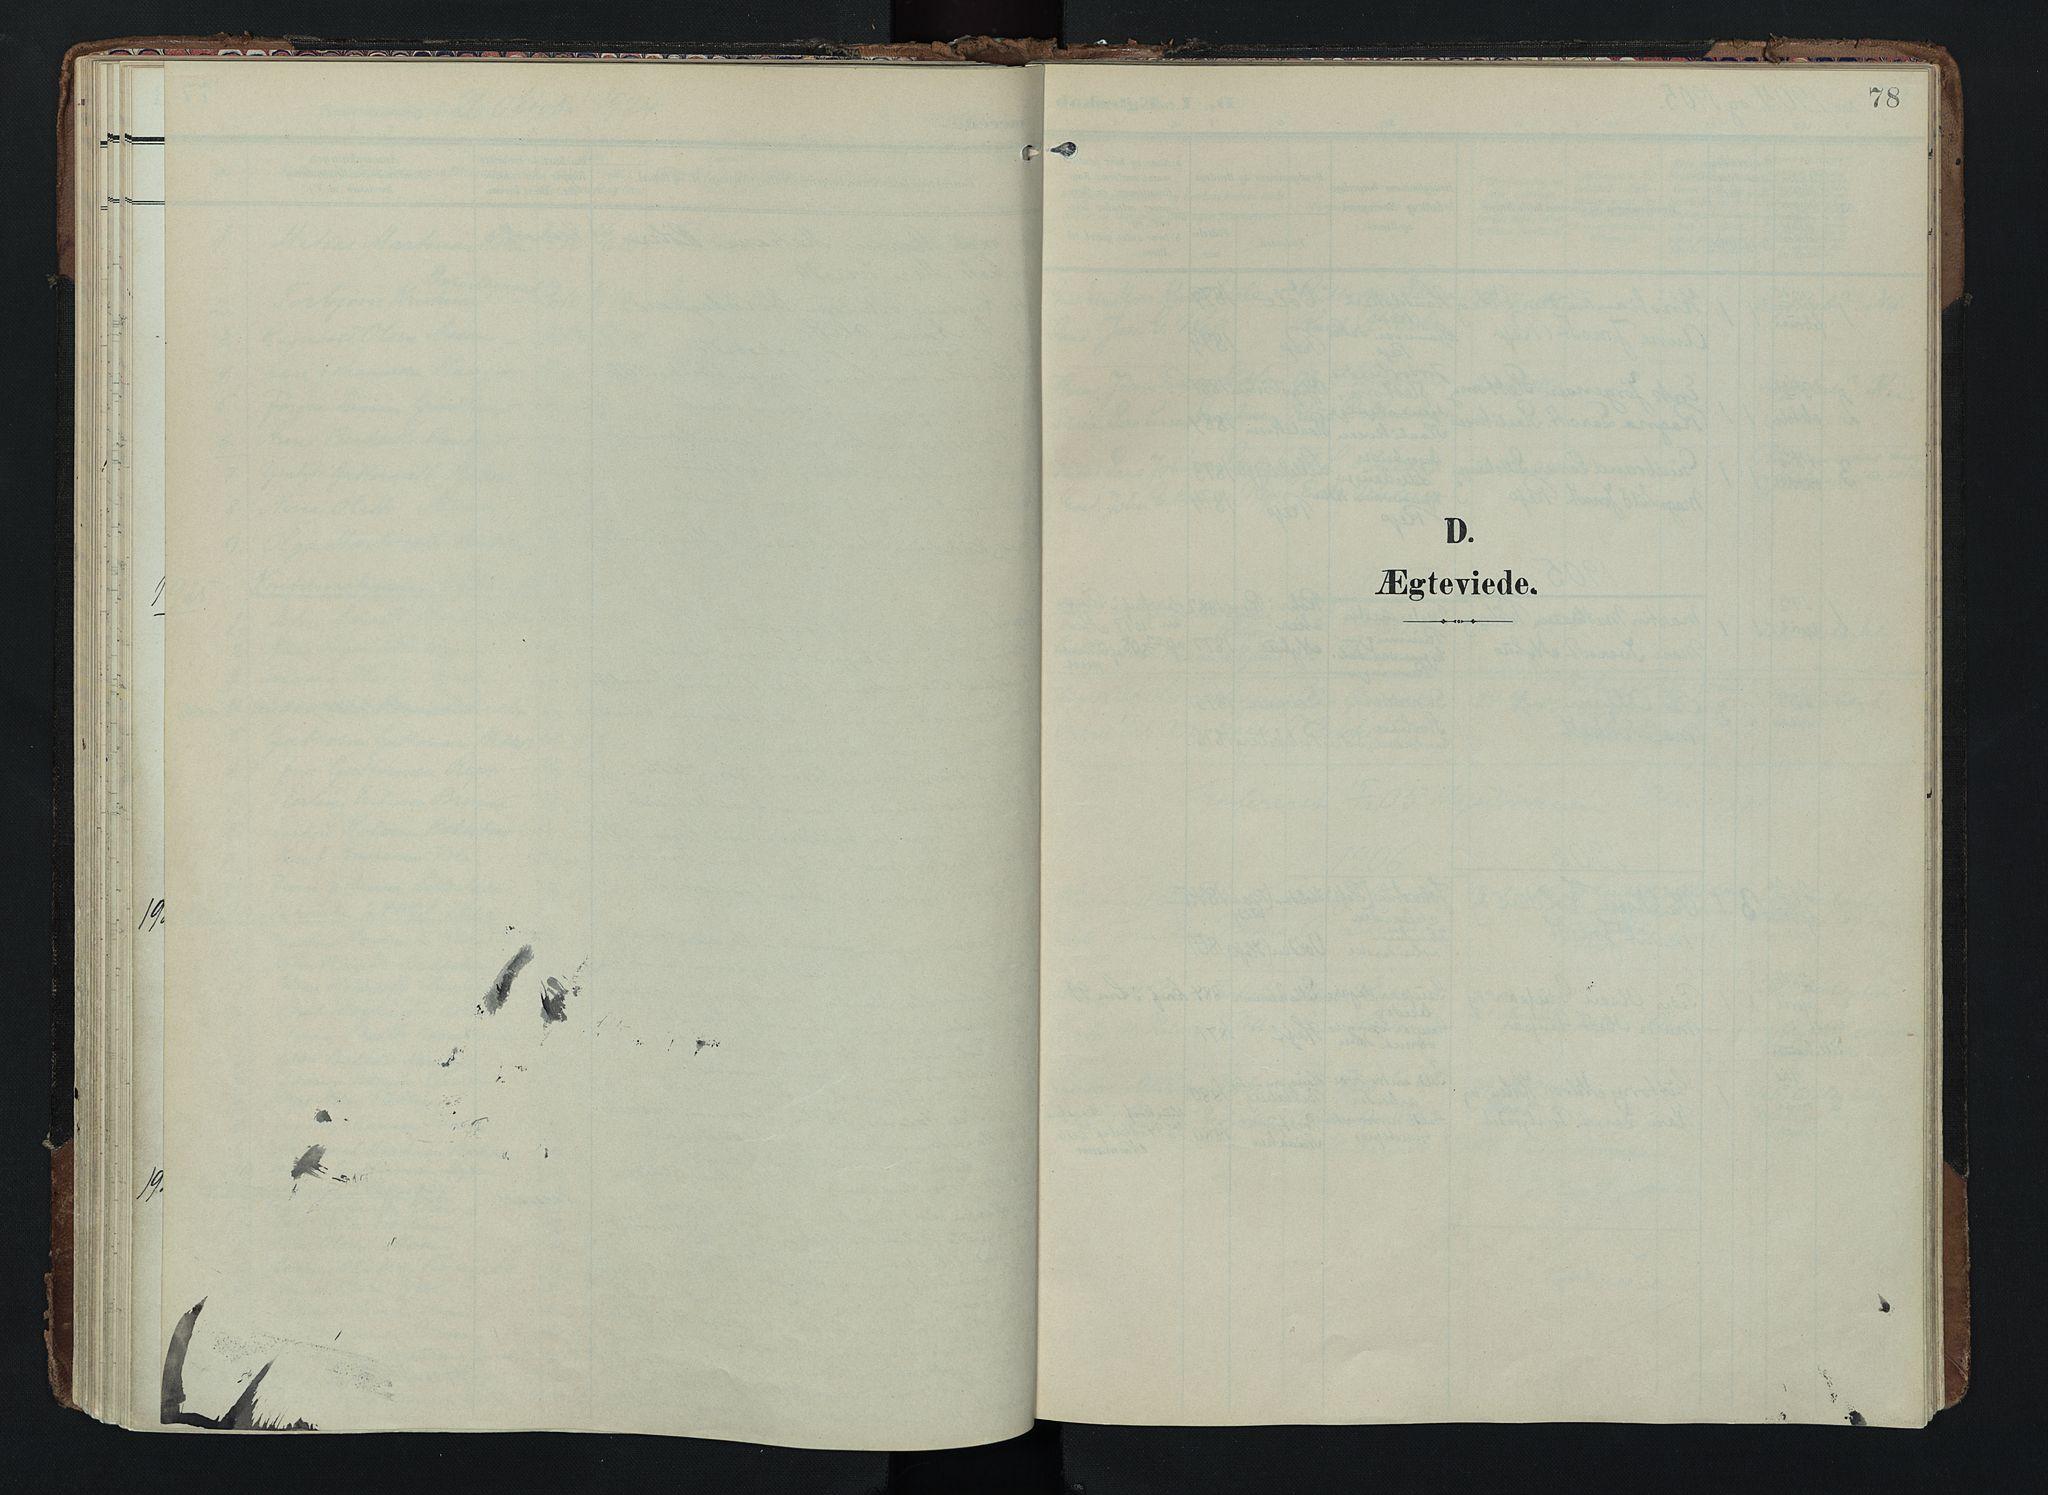 SAH, Lom prestekontor, K/L0012: Ministerialbok nr. 12, 1904-1928, s. 78